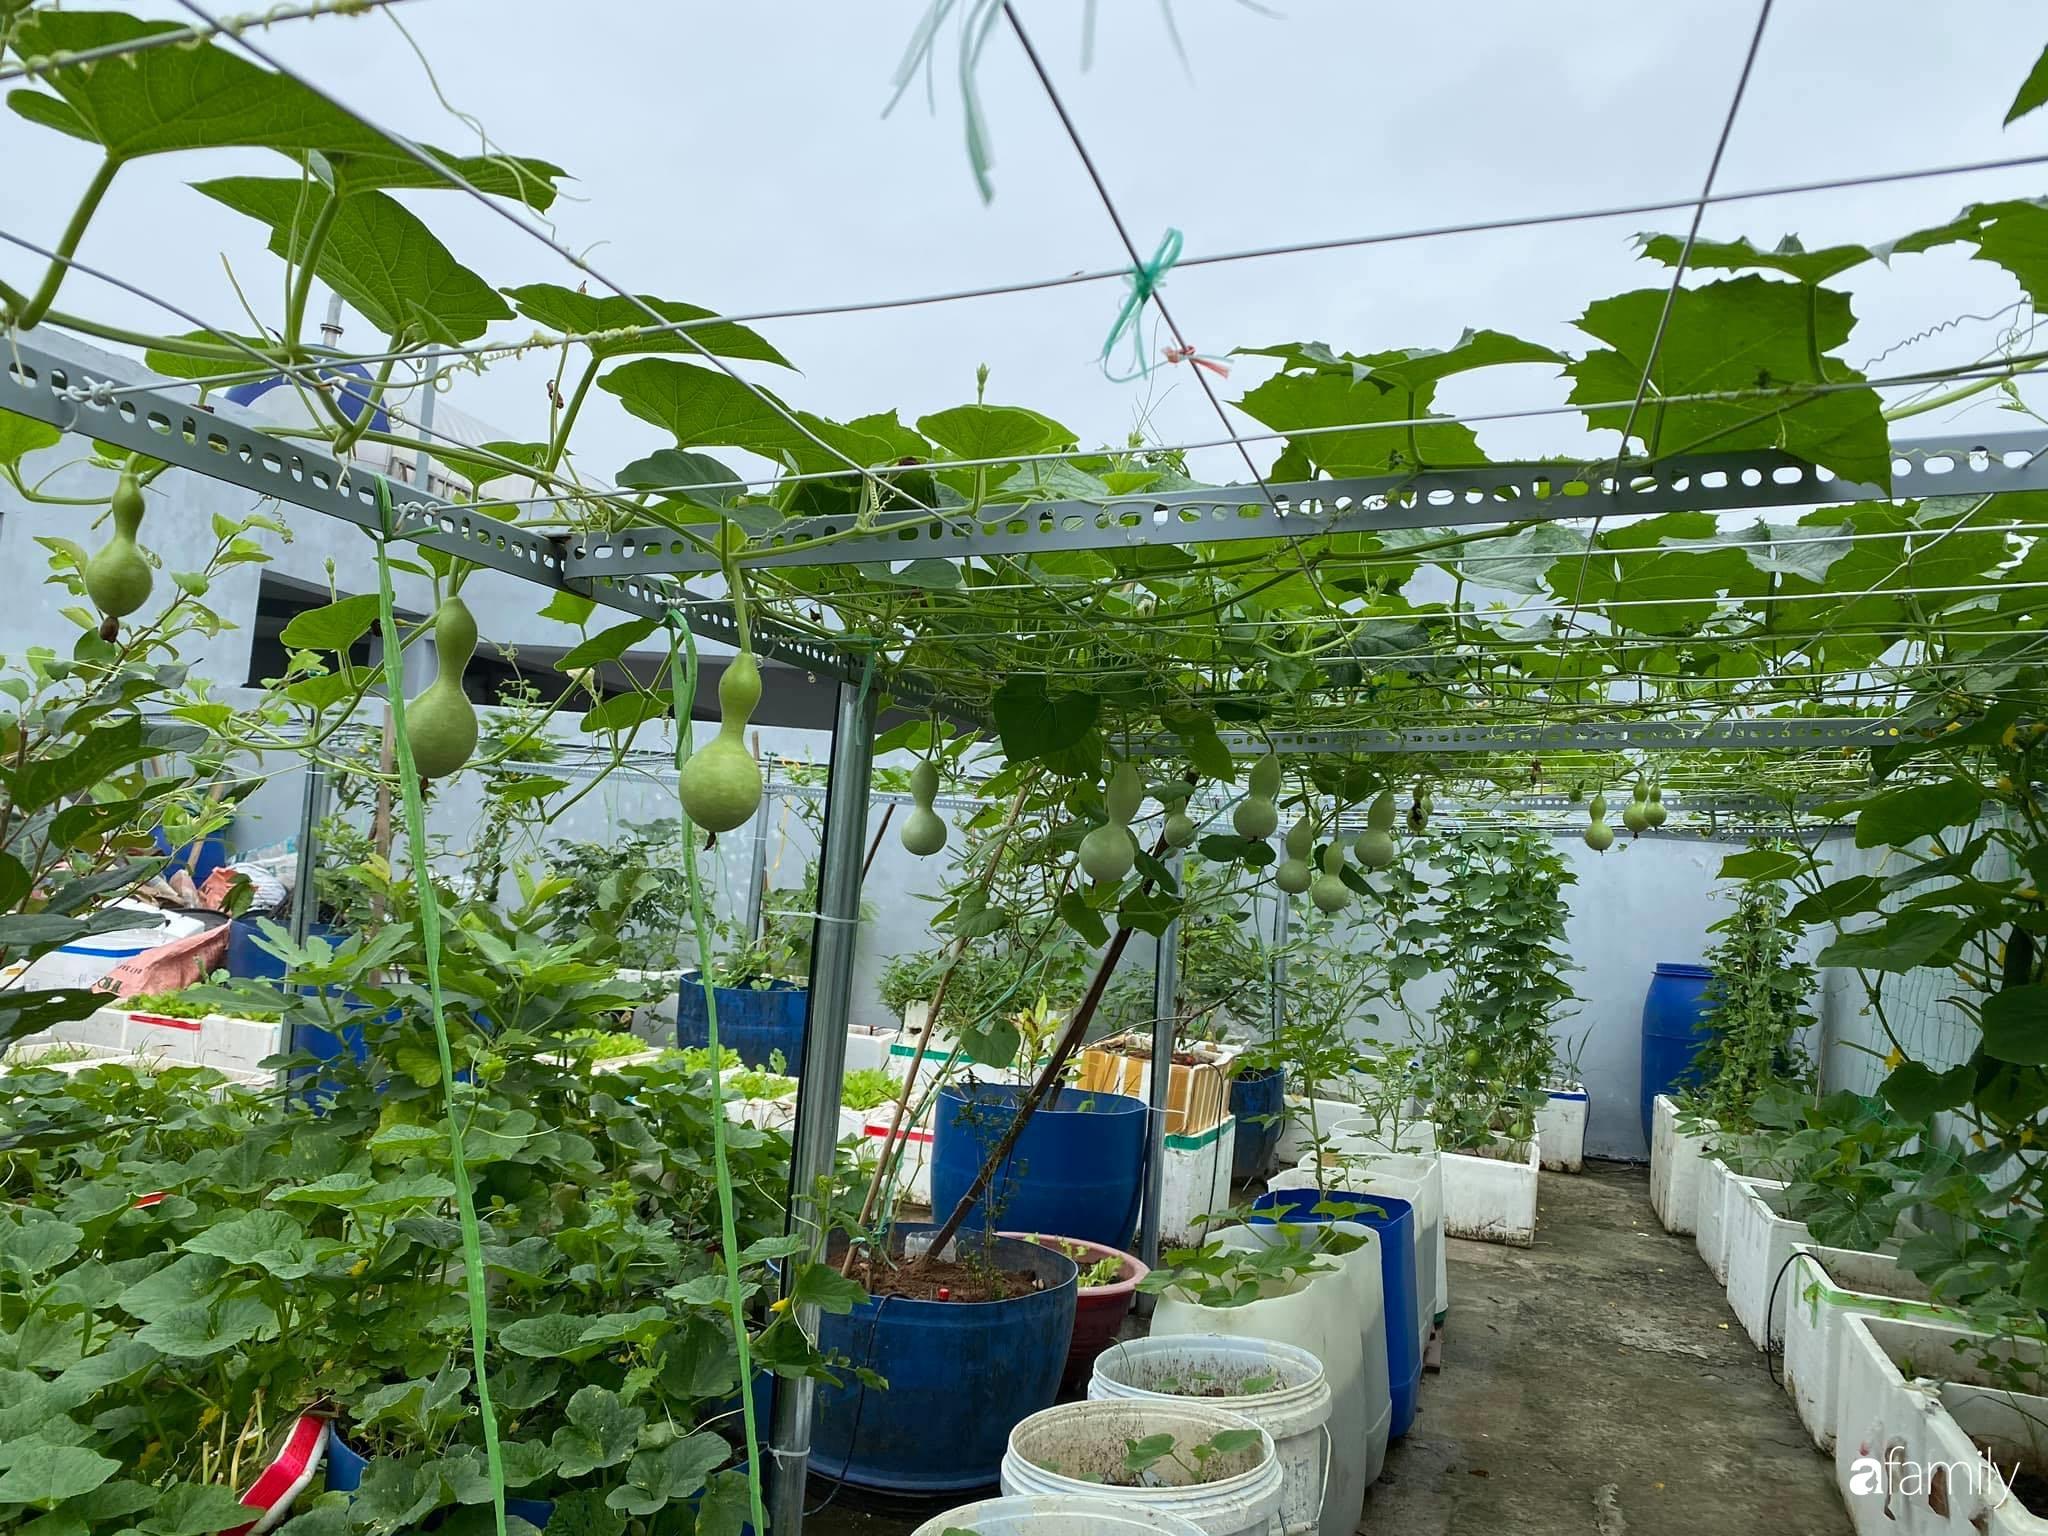 Tận dụng sân thượng chung cư, nữ giám đốc Hà Nội chi 8 triệu trồng đủ loại rau quả sạch - Ảnh 2.